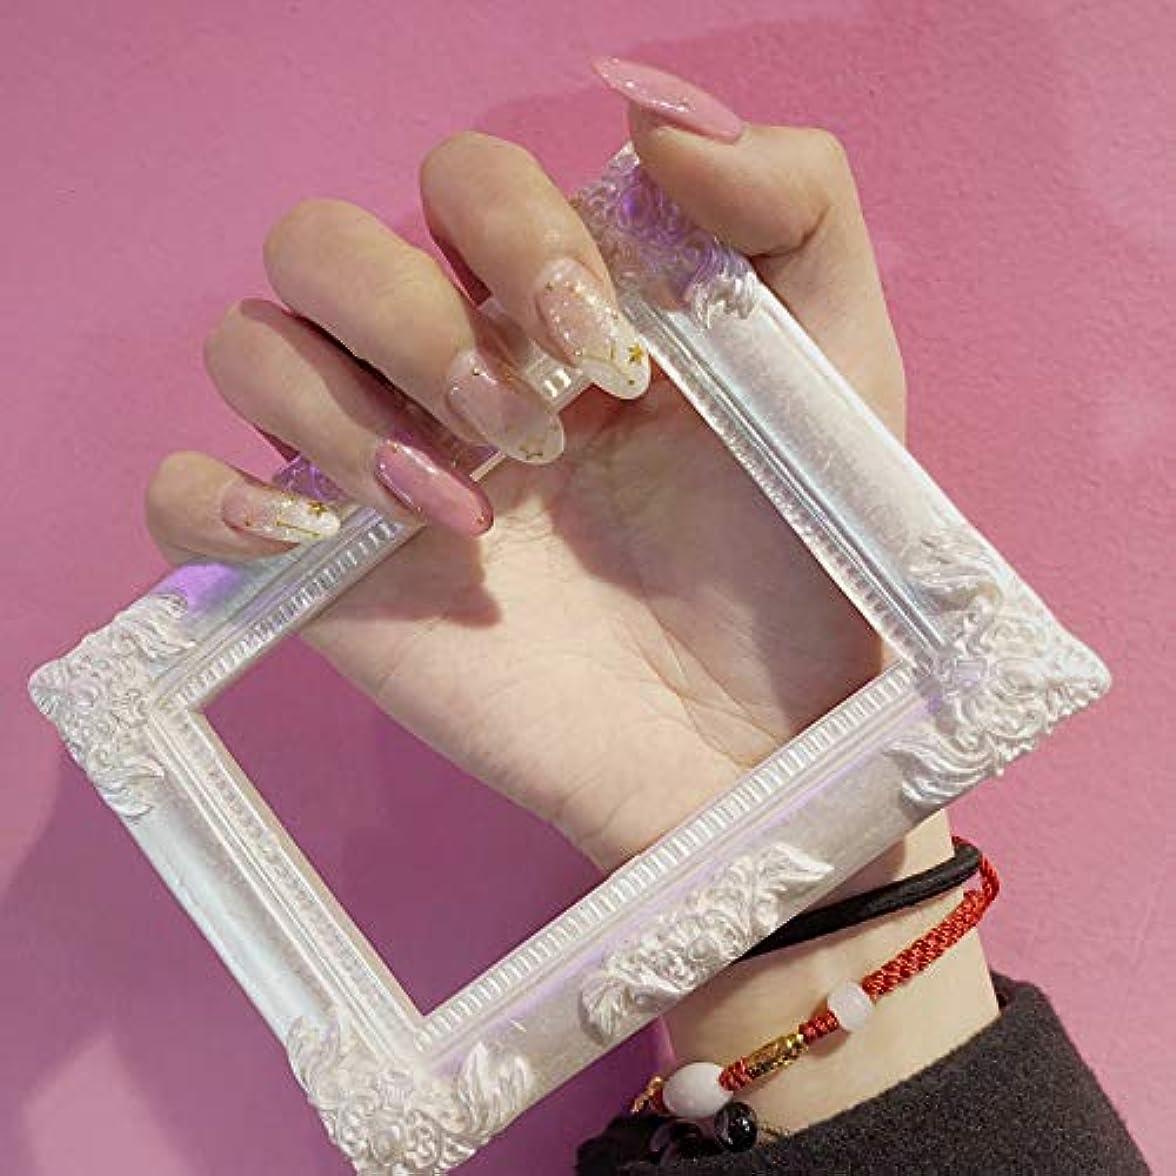 言い直す軽減主張する24Pcs 美しい女の子 ネイルアート ins流行 手作りネイルチップ 暈し染め 可愛い優雅ネイル